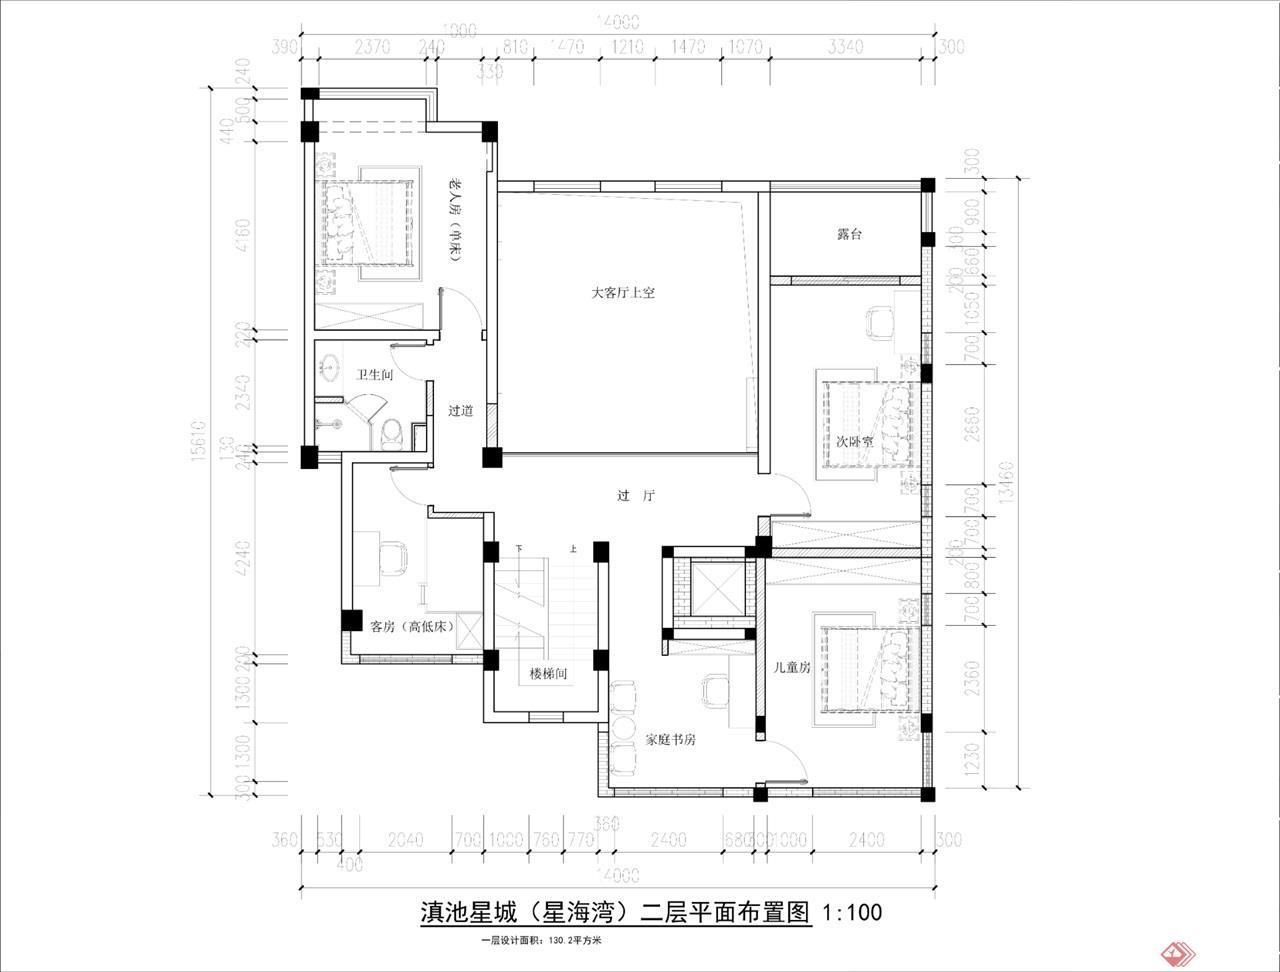 二层平面布局设计图